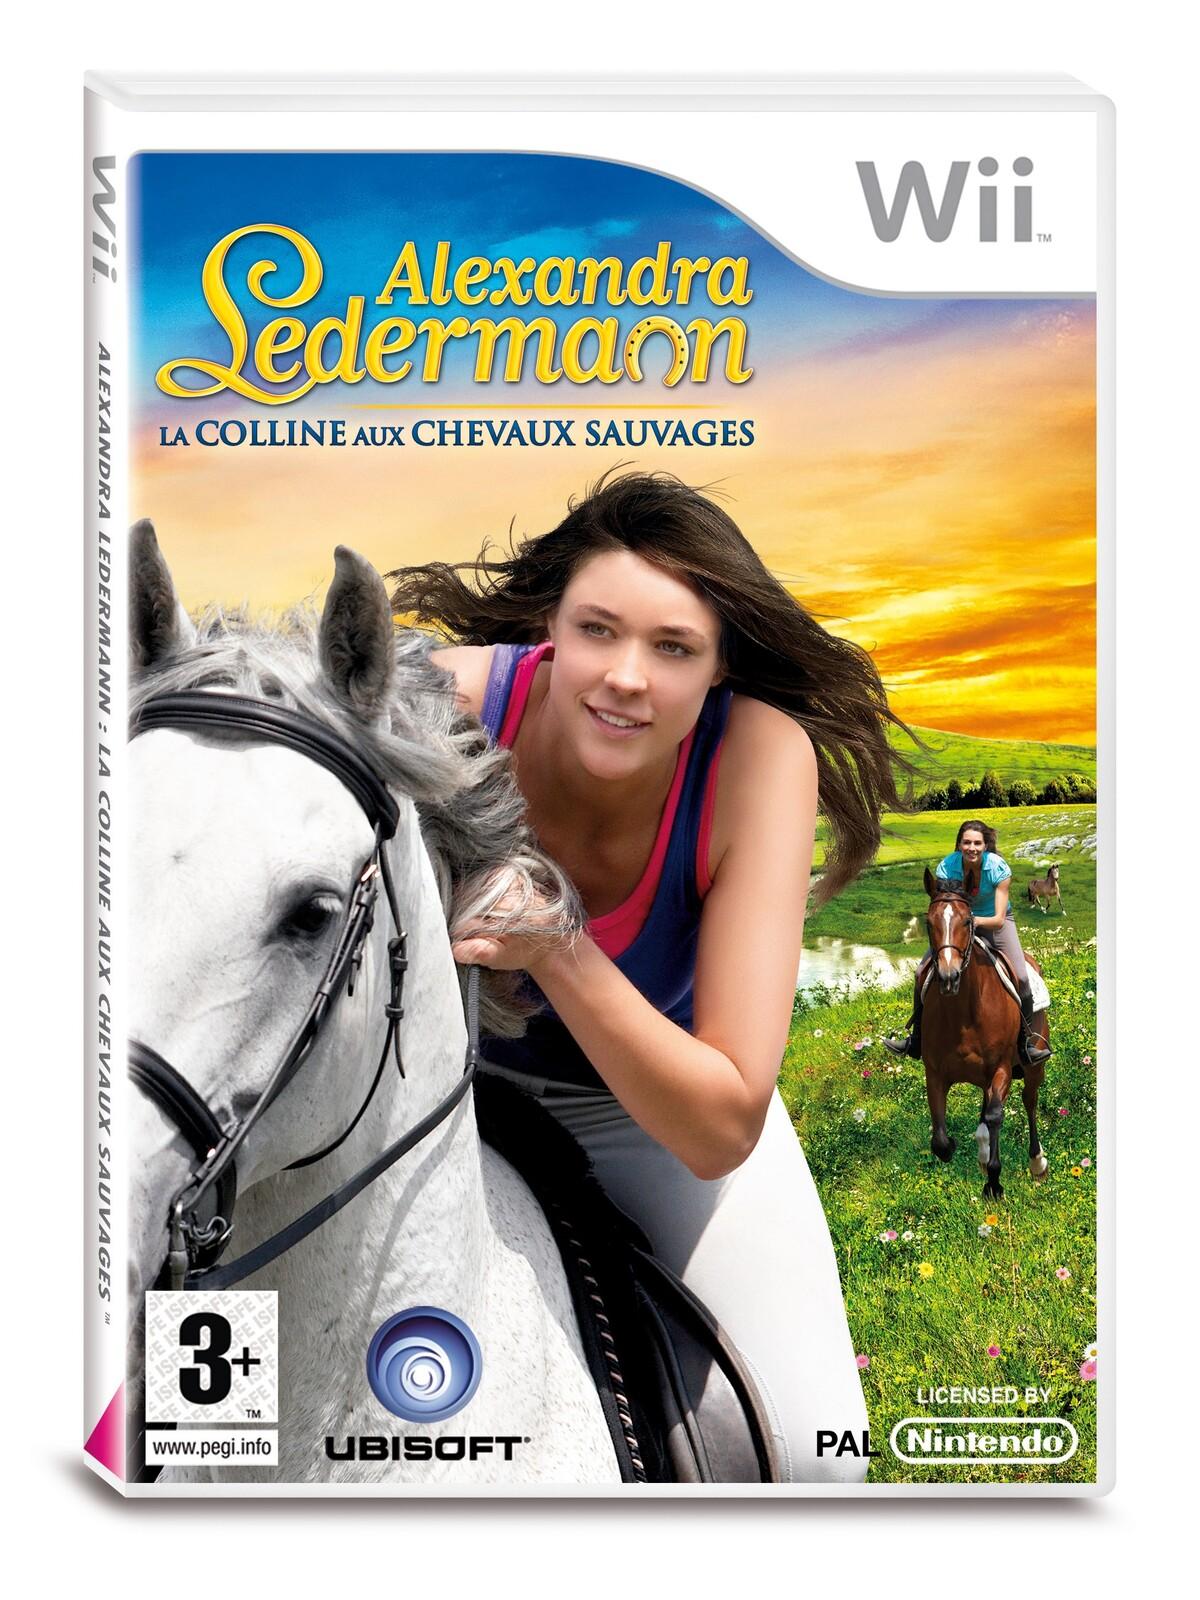 Alexandra Ledermann 2008 (Ubisoft)